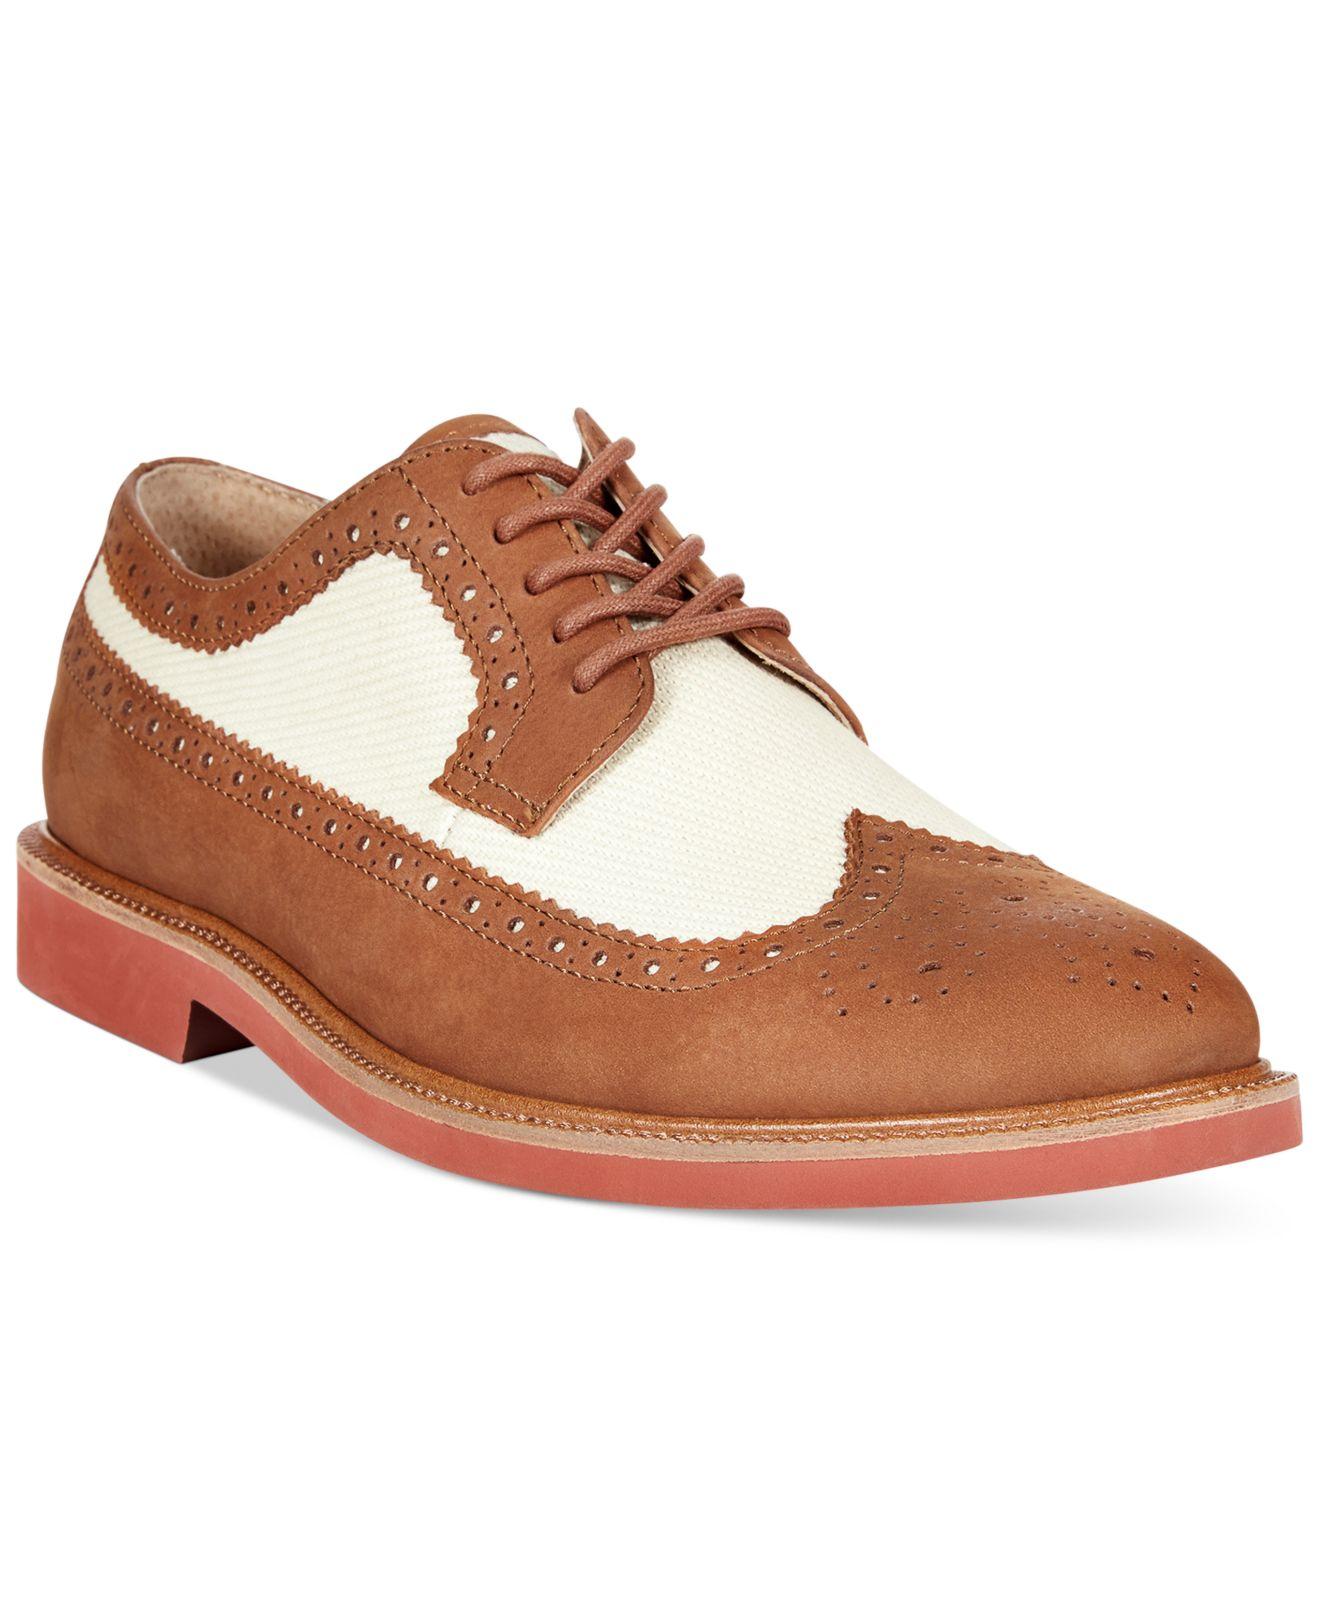 Polo Ralph Lauren Torrington Dress Shoes